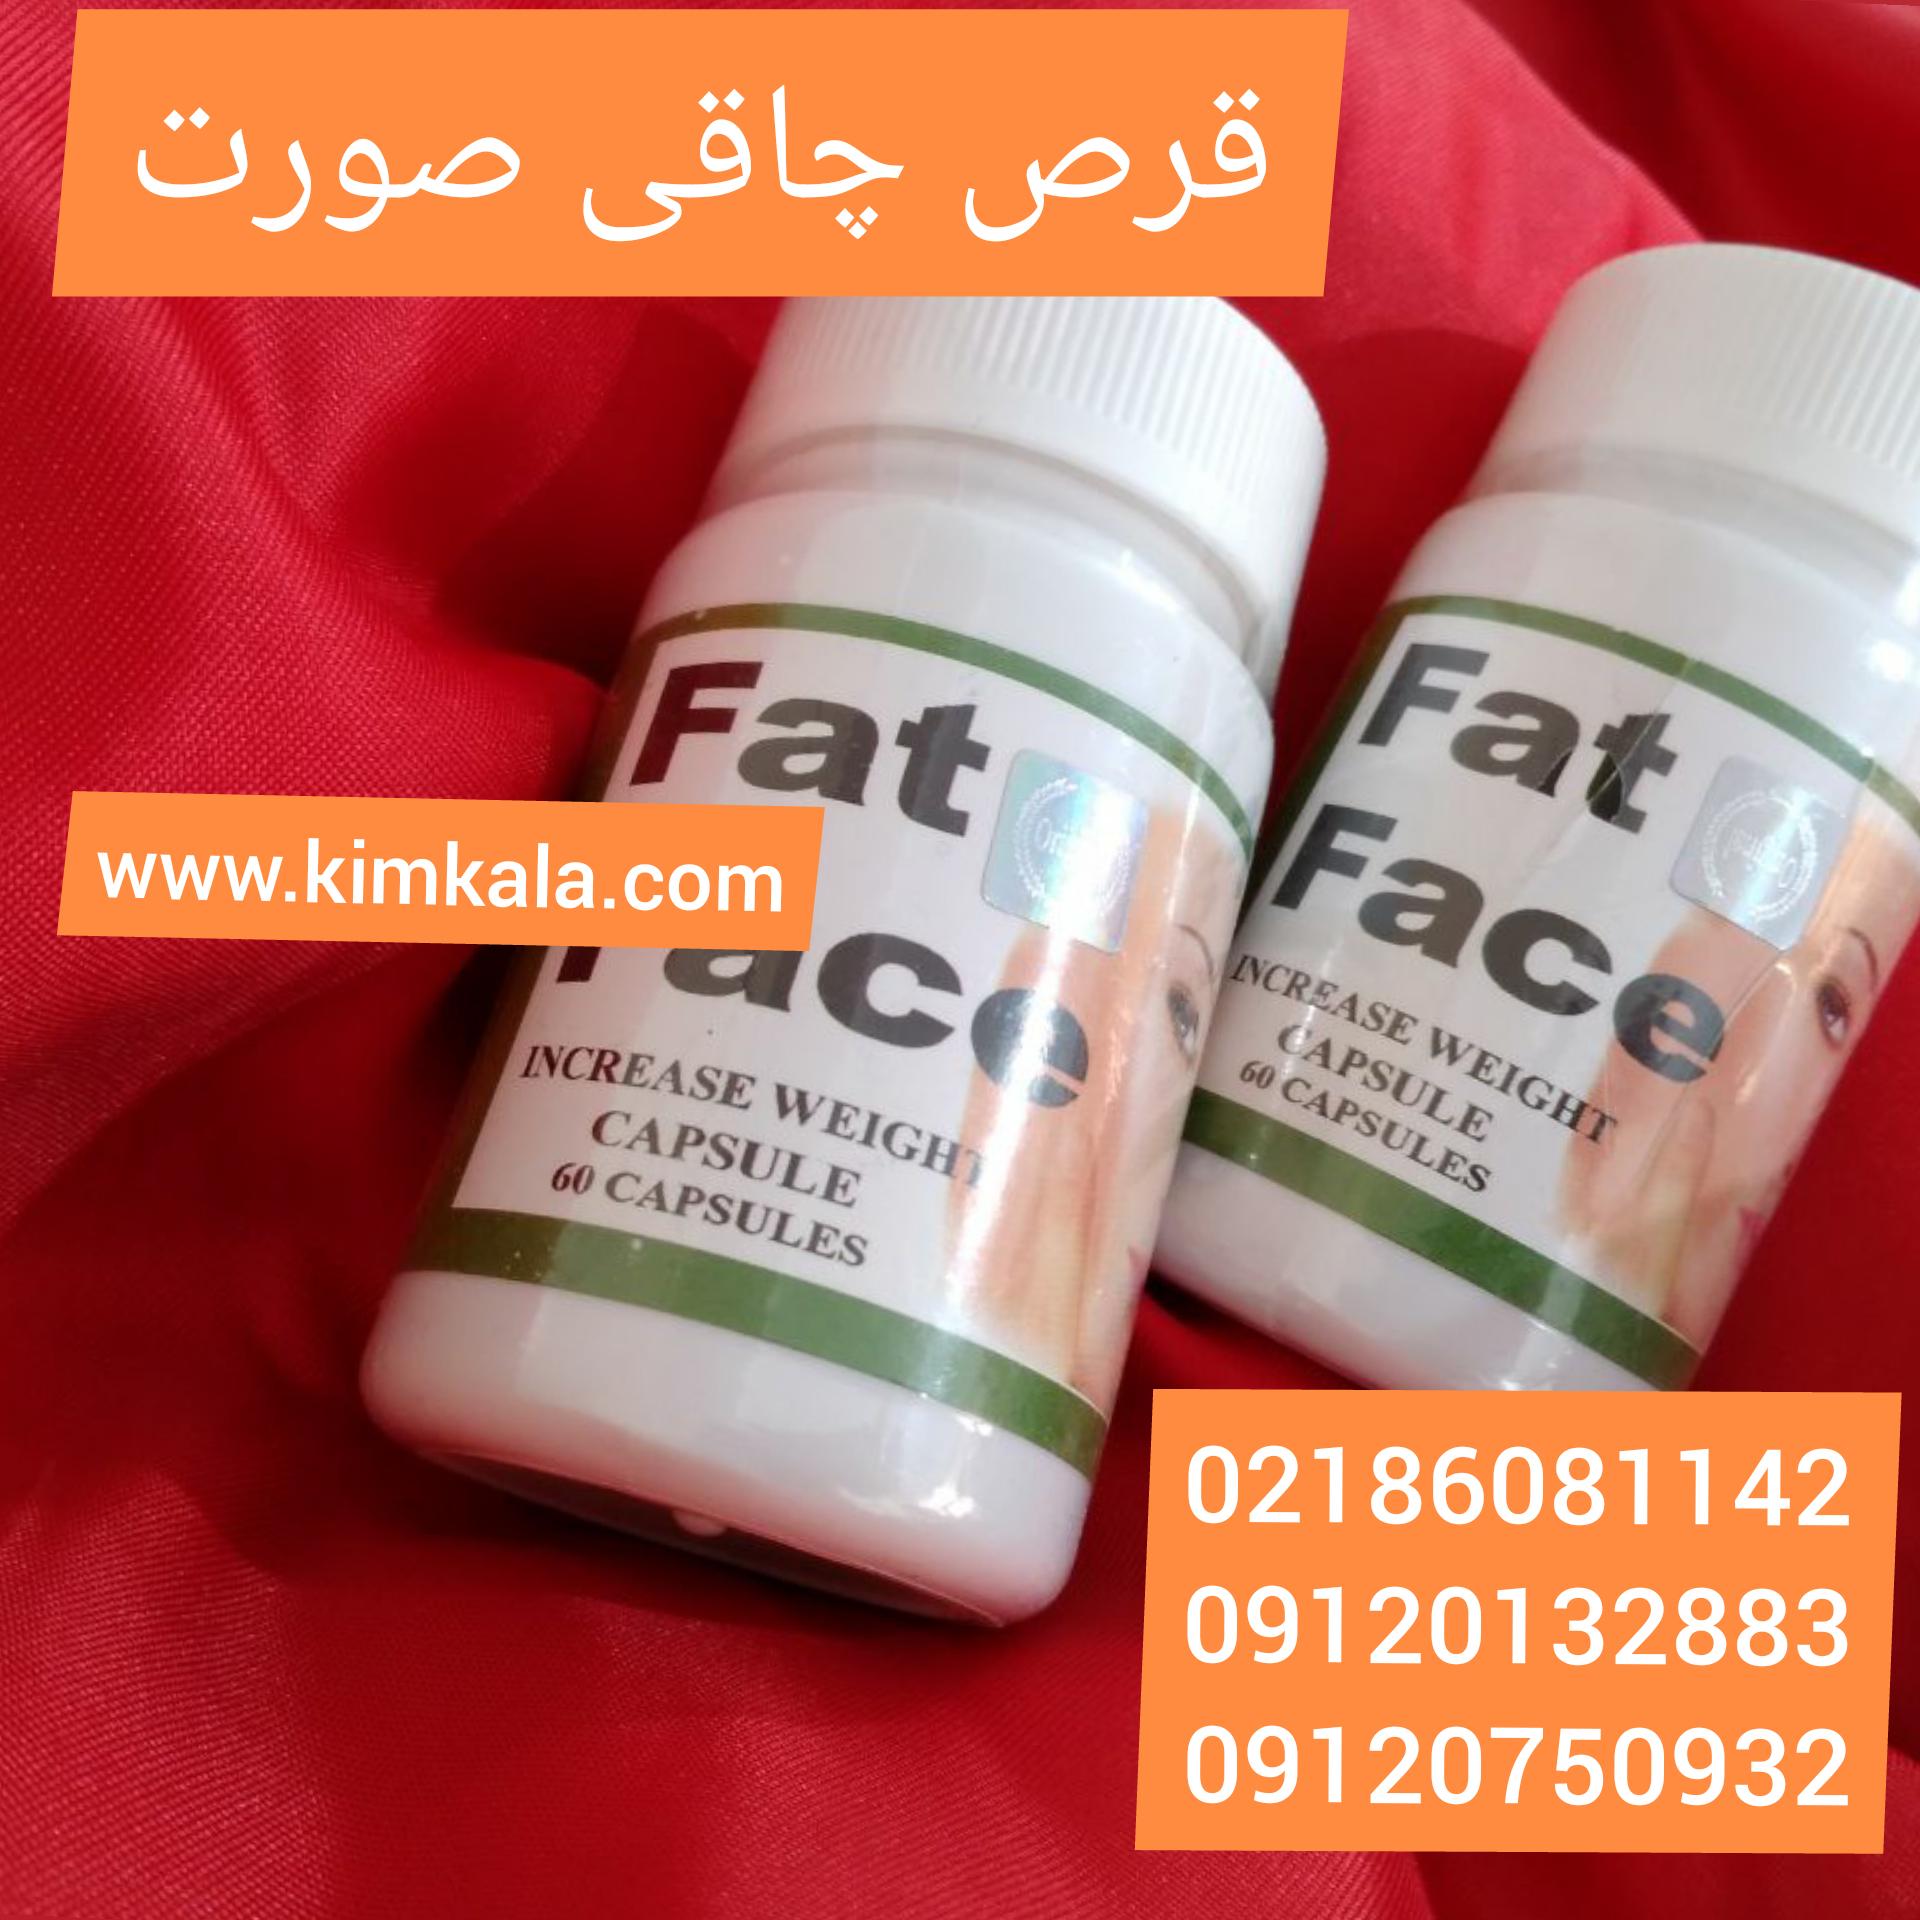 قرص چاقی صورت/۰۹۱۲۰۱۳۲۸۸۳/قیمت قرص چاقی صورت/افزایش وزن فوری/پرشدن صورت